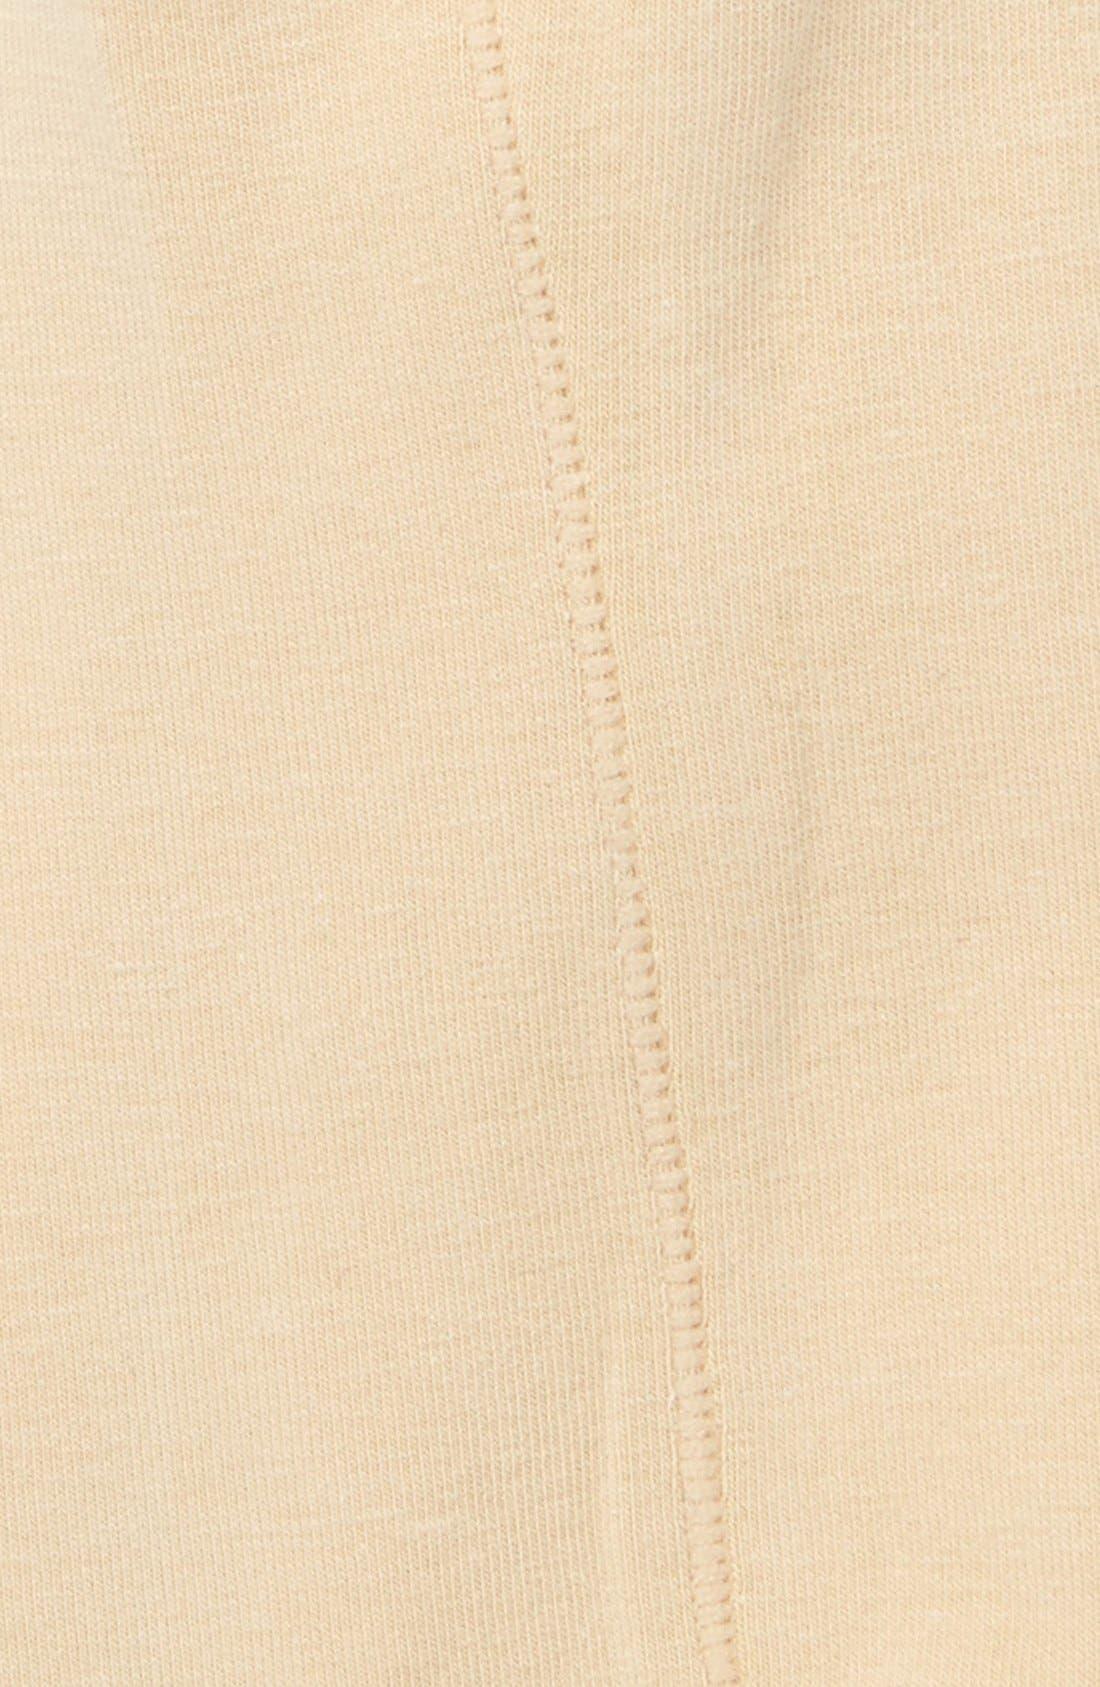 'Ultra Fit' Laser Cut Liner Socks,                             Alternate thumbnail 2, color,                             CAMEL